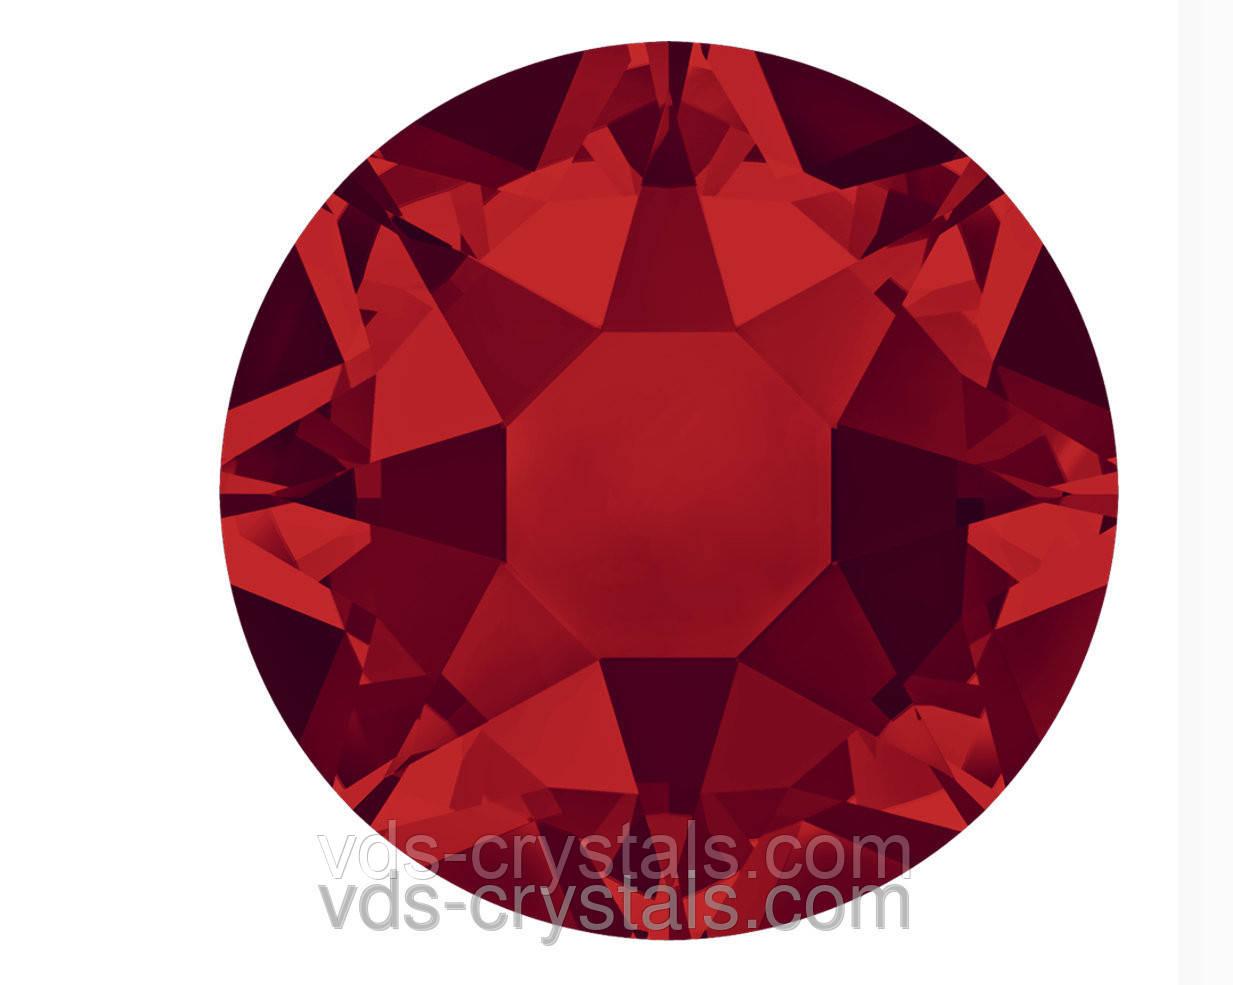 Камені Сваровські клейові холодної фіксації 2088 Light Siam F (227) 12ss (упаковка 1440 шт)